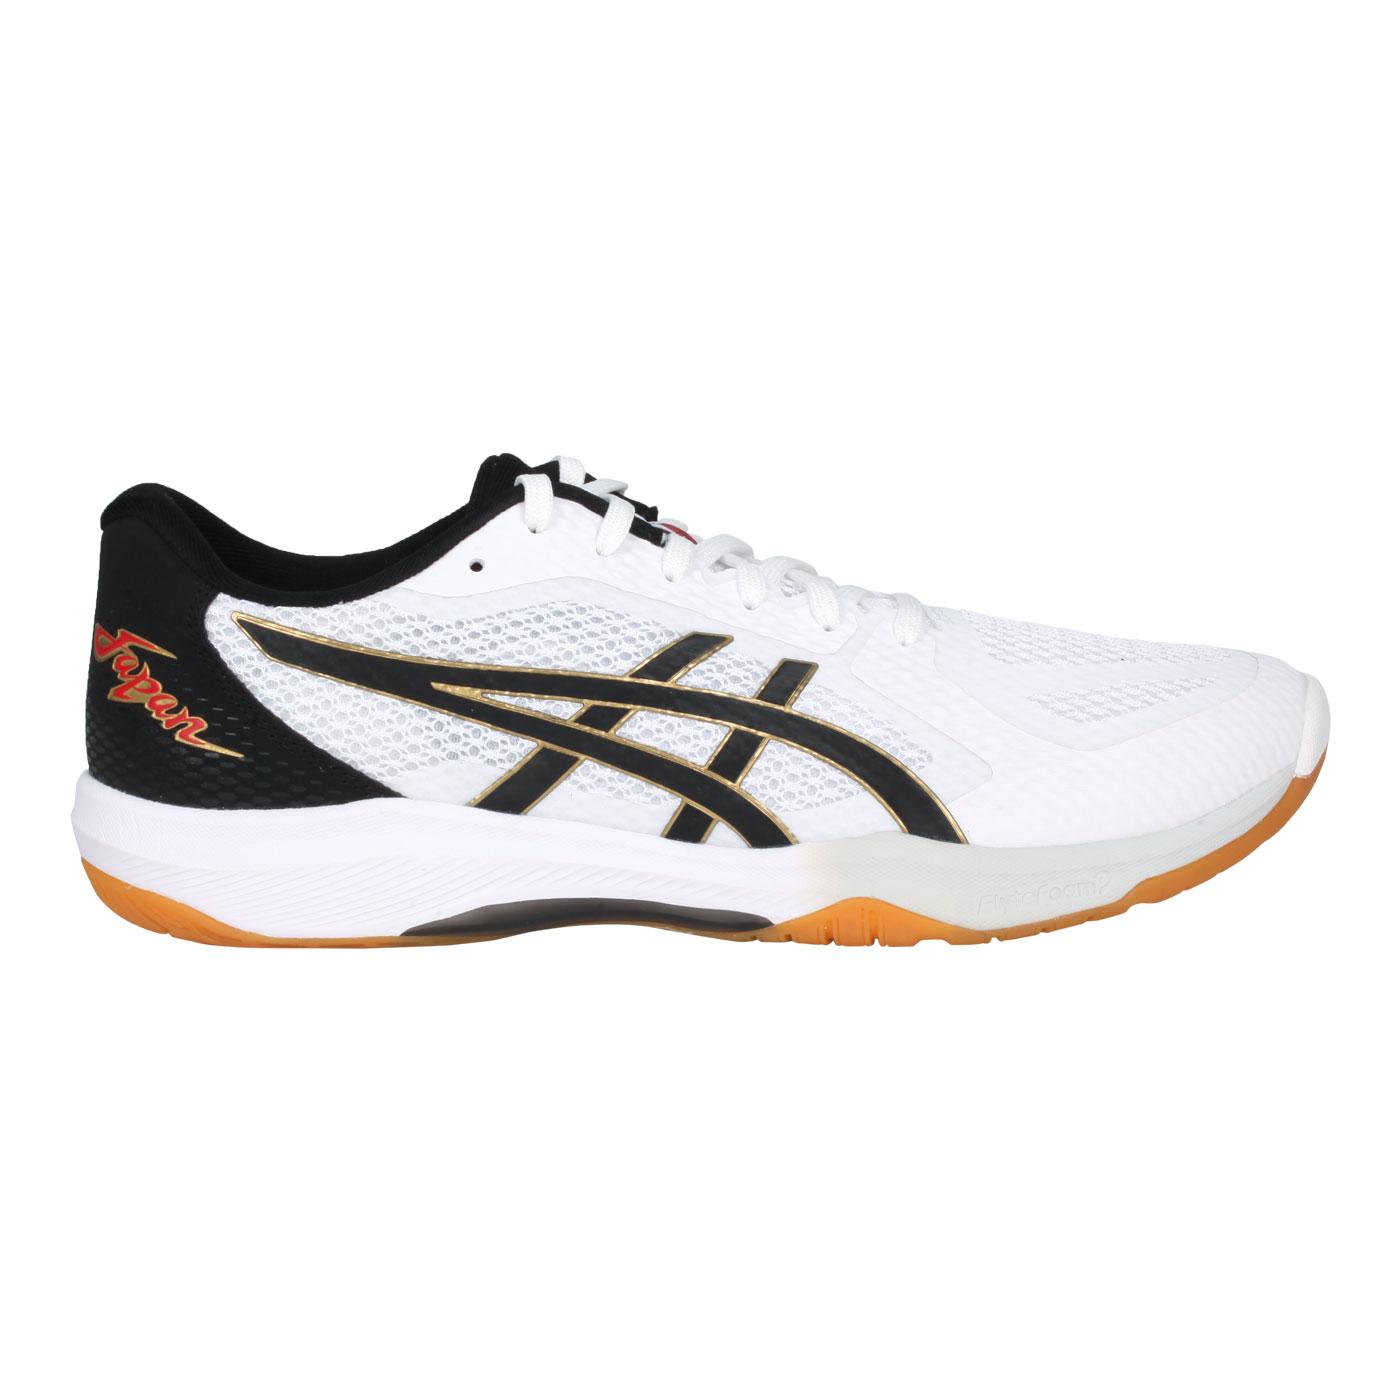 ASICS 男款排羽球鞋  @ROTE JAPAN LYTE FF 2@1053A028-103 - 白黑金